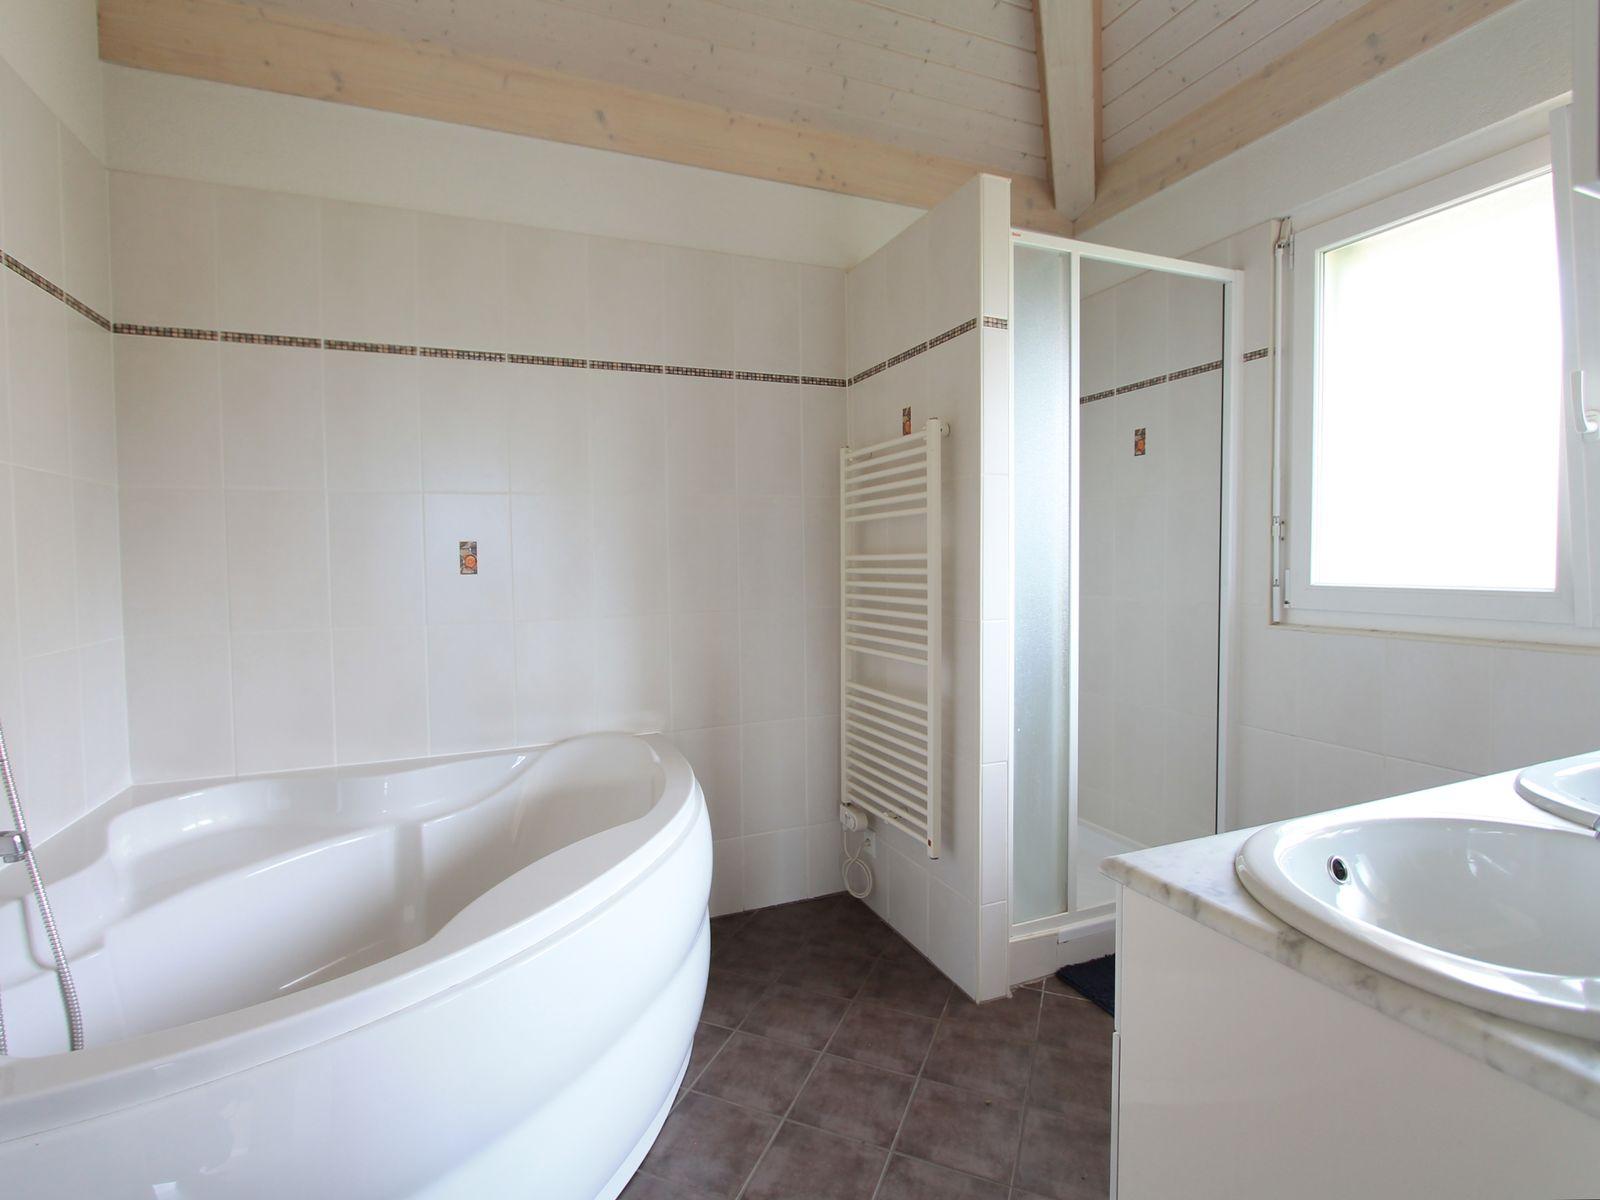 Salle-de-bains avec baignoire en coin, douche séparée et double lavabo